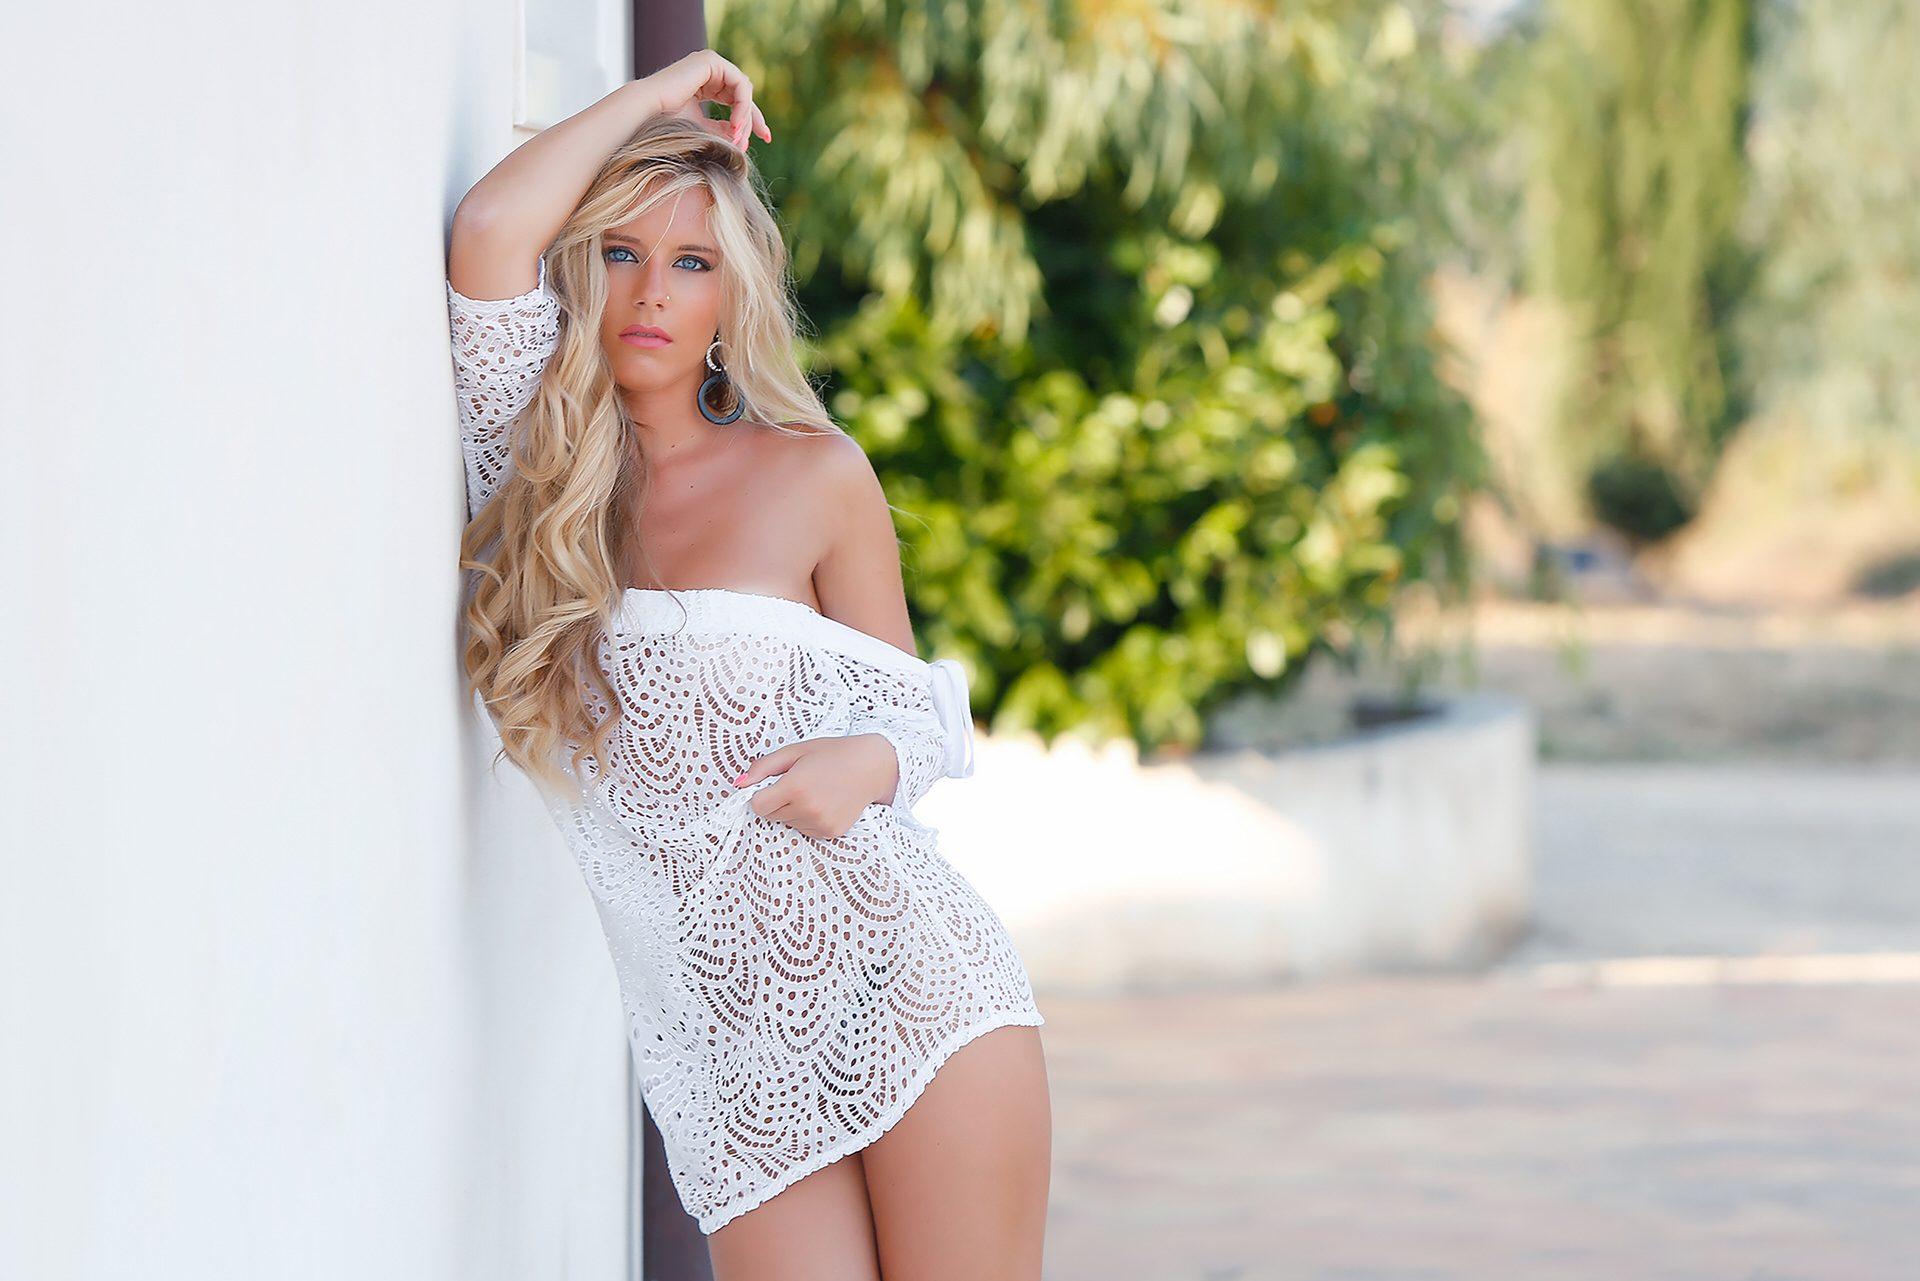 Nicole Ammannito